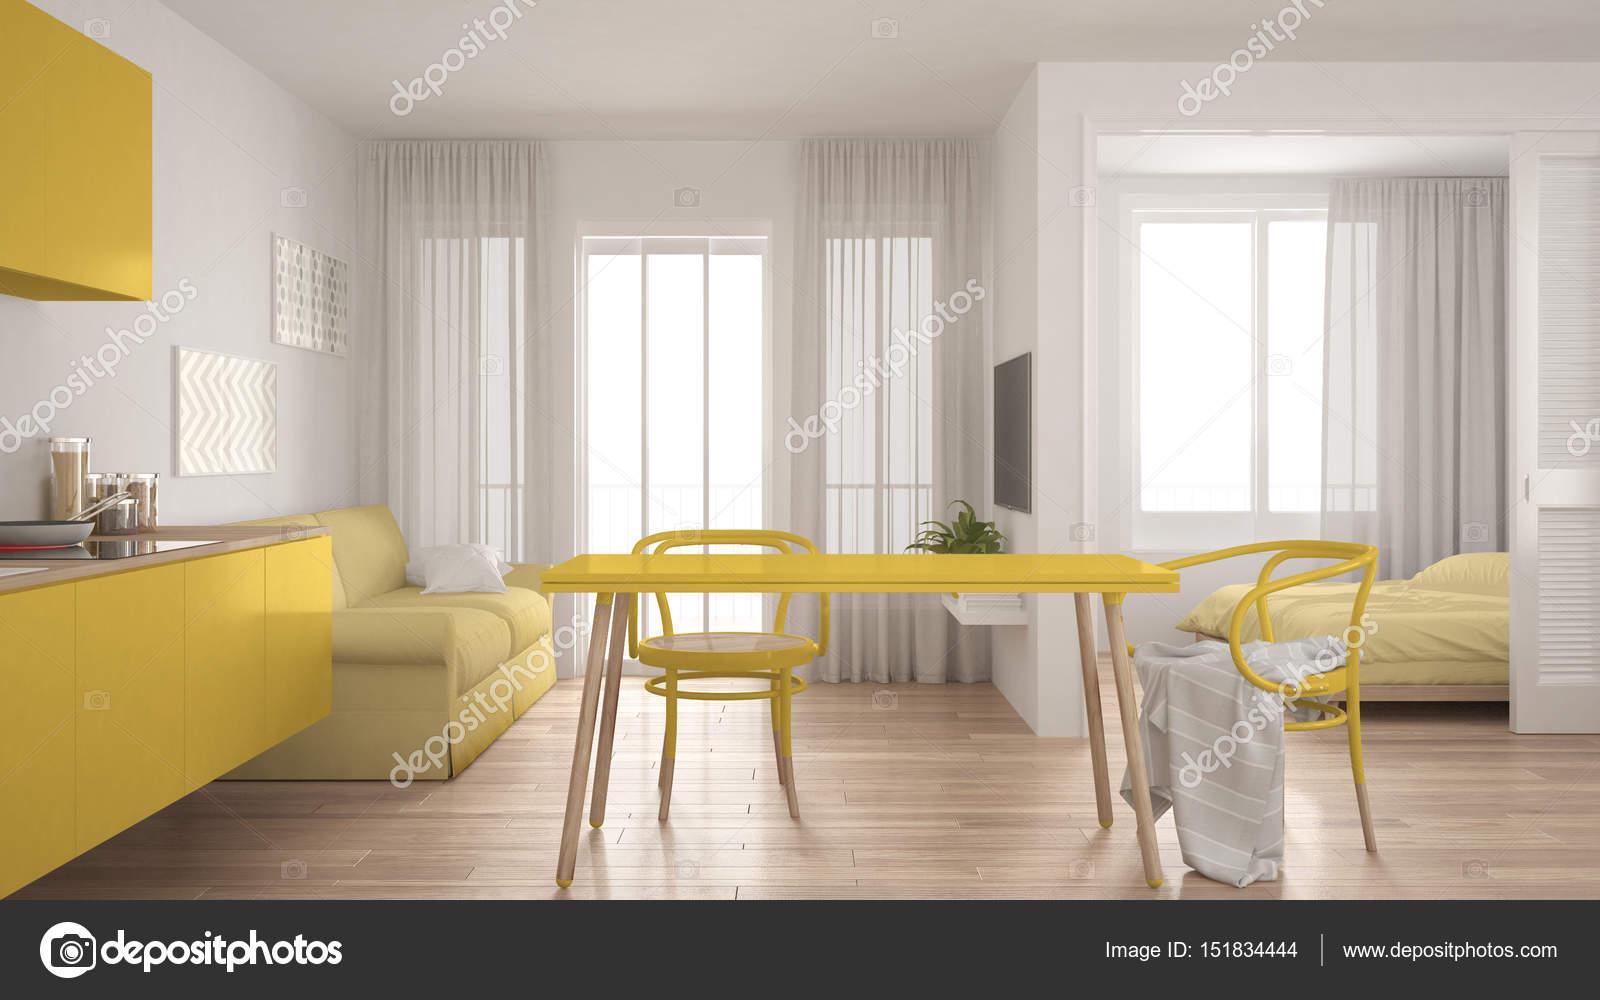 Moderne minimal Küche und Wohnzimmer mit Schlafzimmer in der backg ...